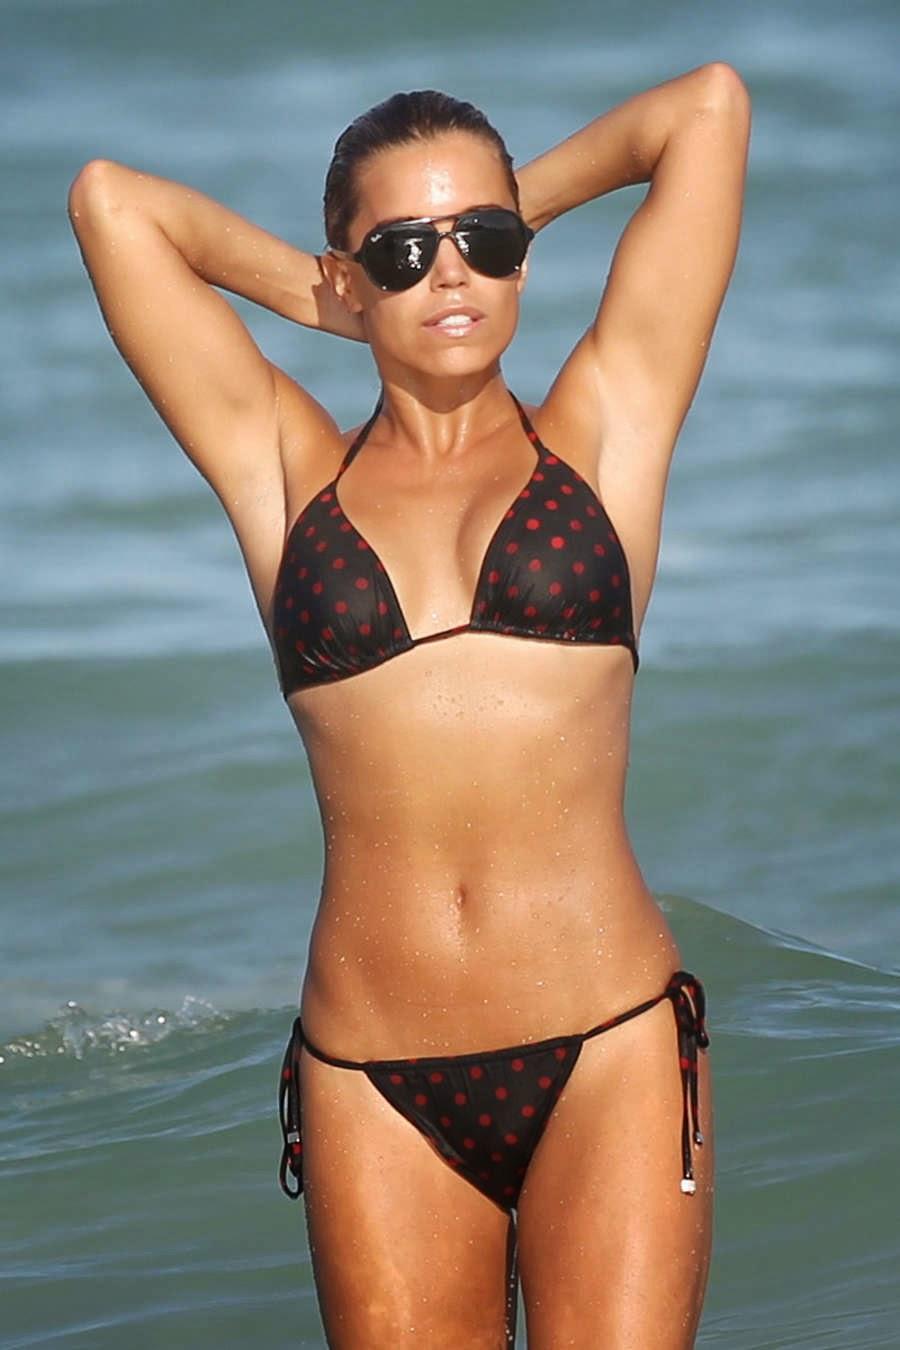 عارضة الأزياء الهولندية سيلفي ميس بالبكيني على شاطئ ميامي